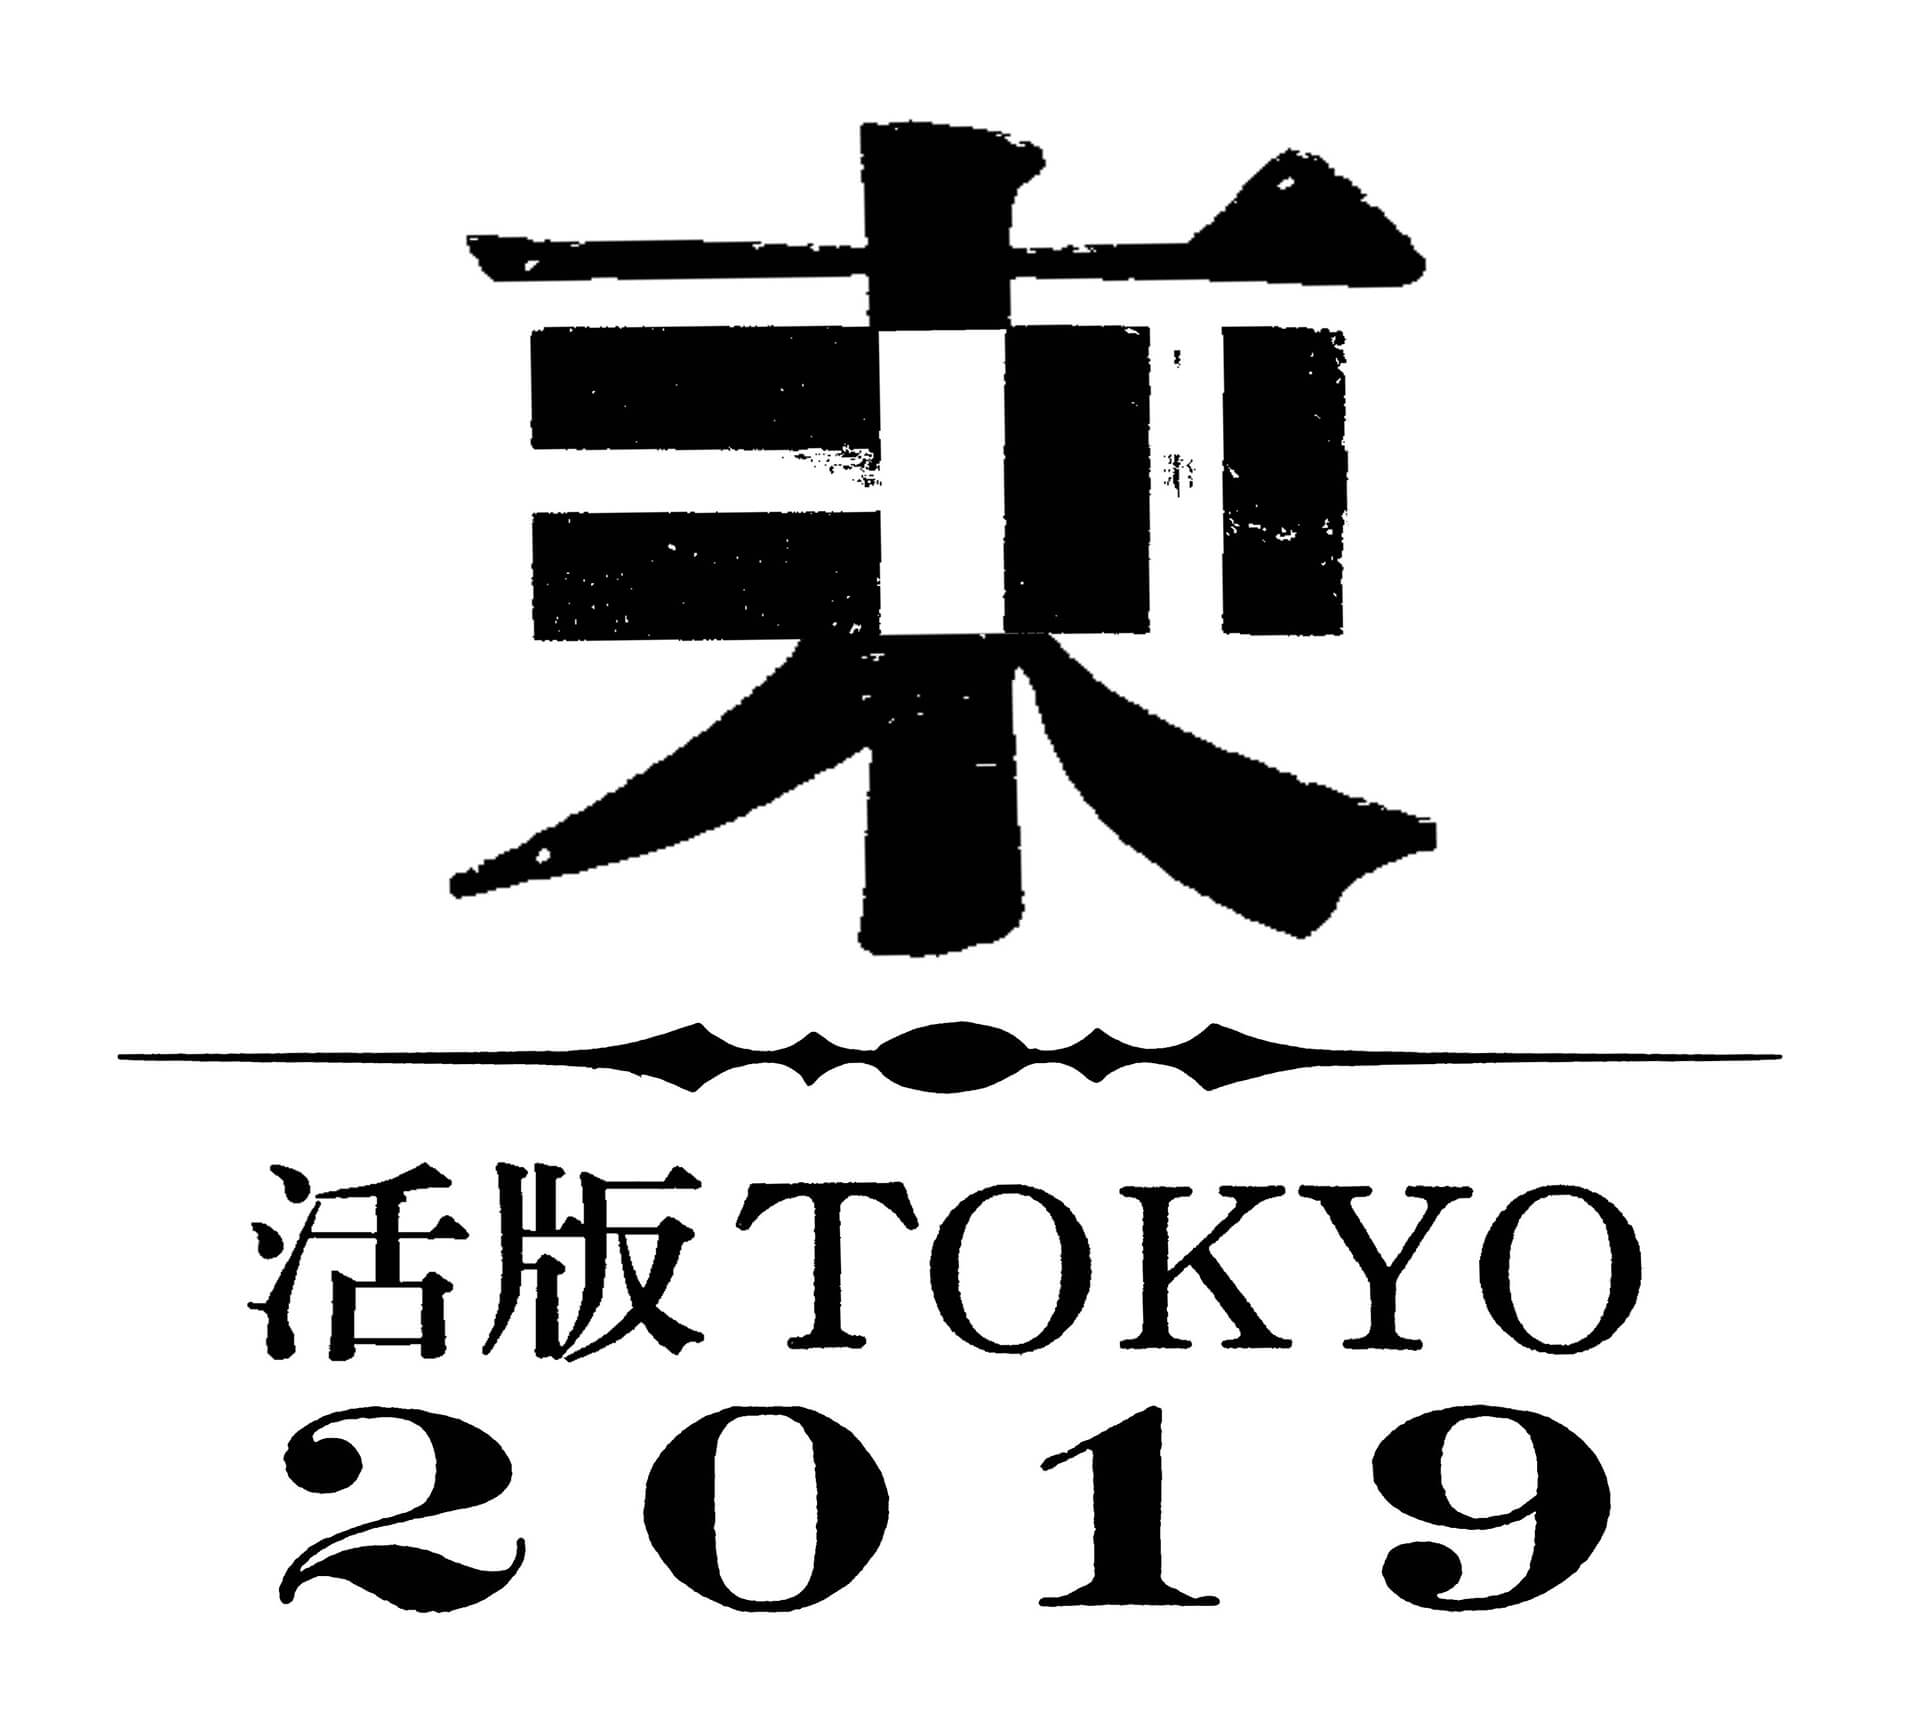 この写真は活版TOKYO2019のイベントロゴ。活版印刷風書体です